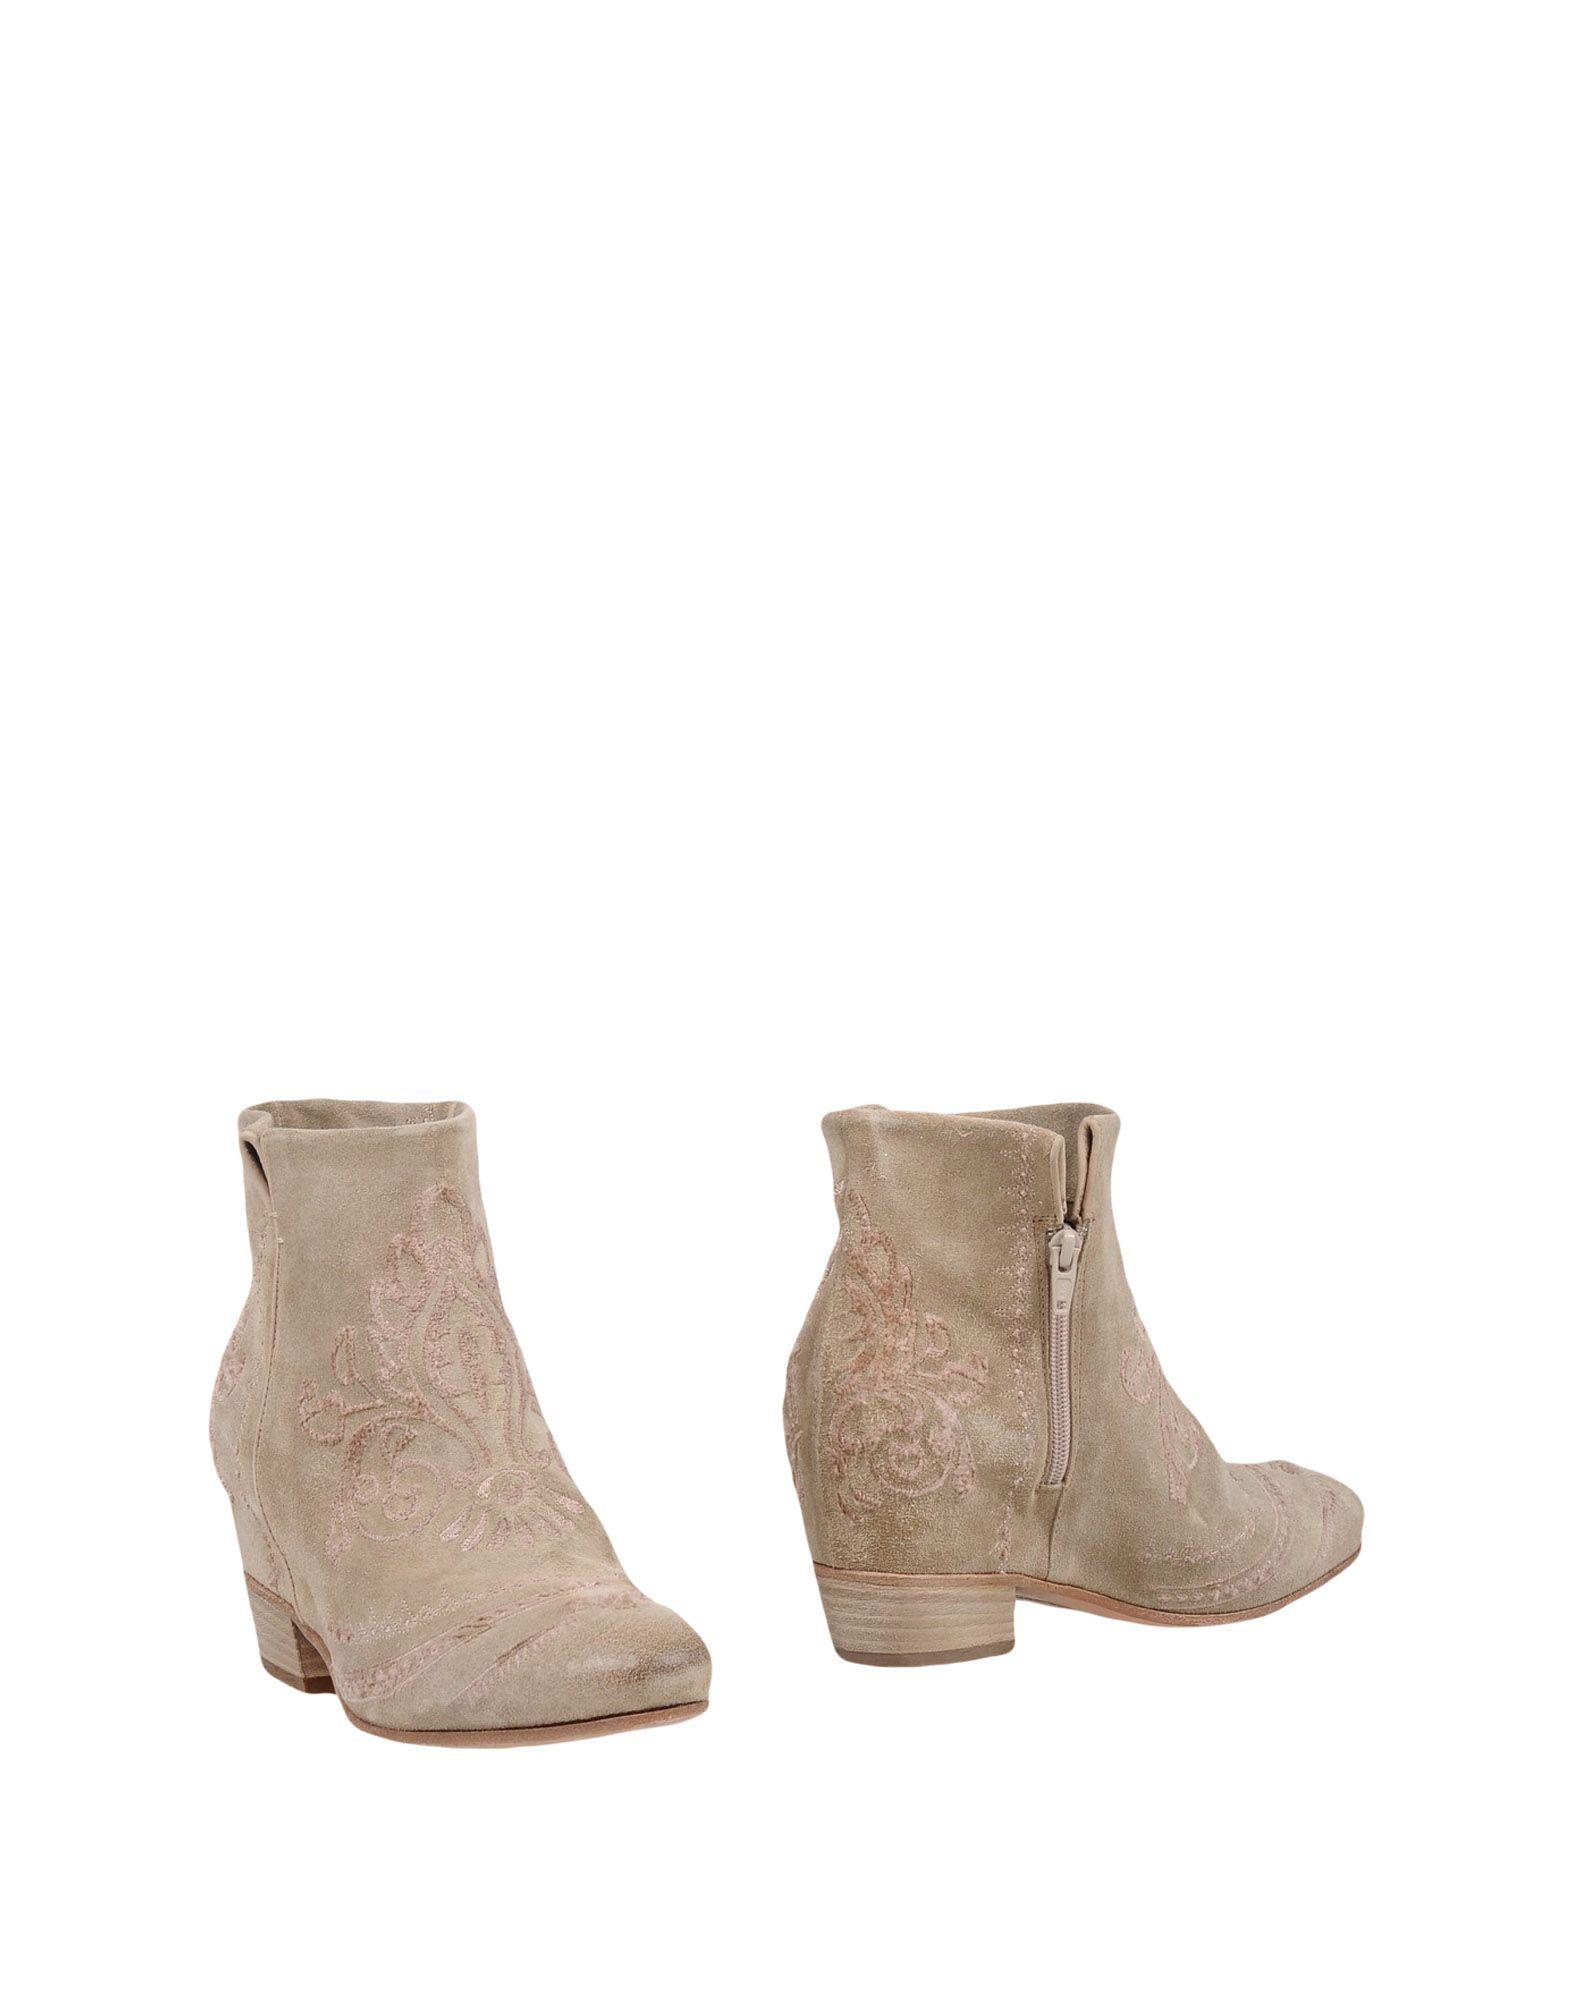 Garrice Stiefelette Damen  11420423WG Gute Qualität beliebte Schuhe